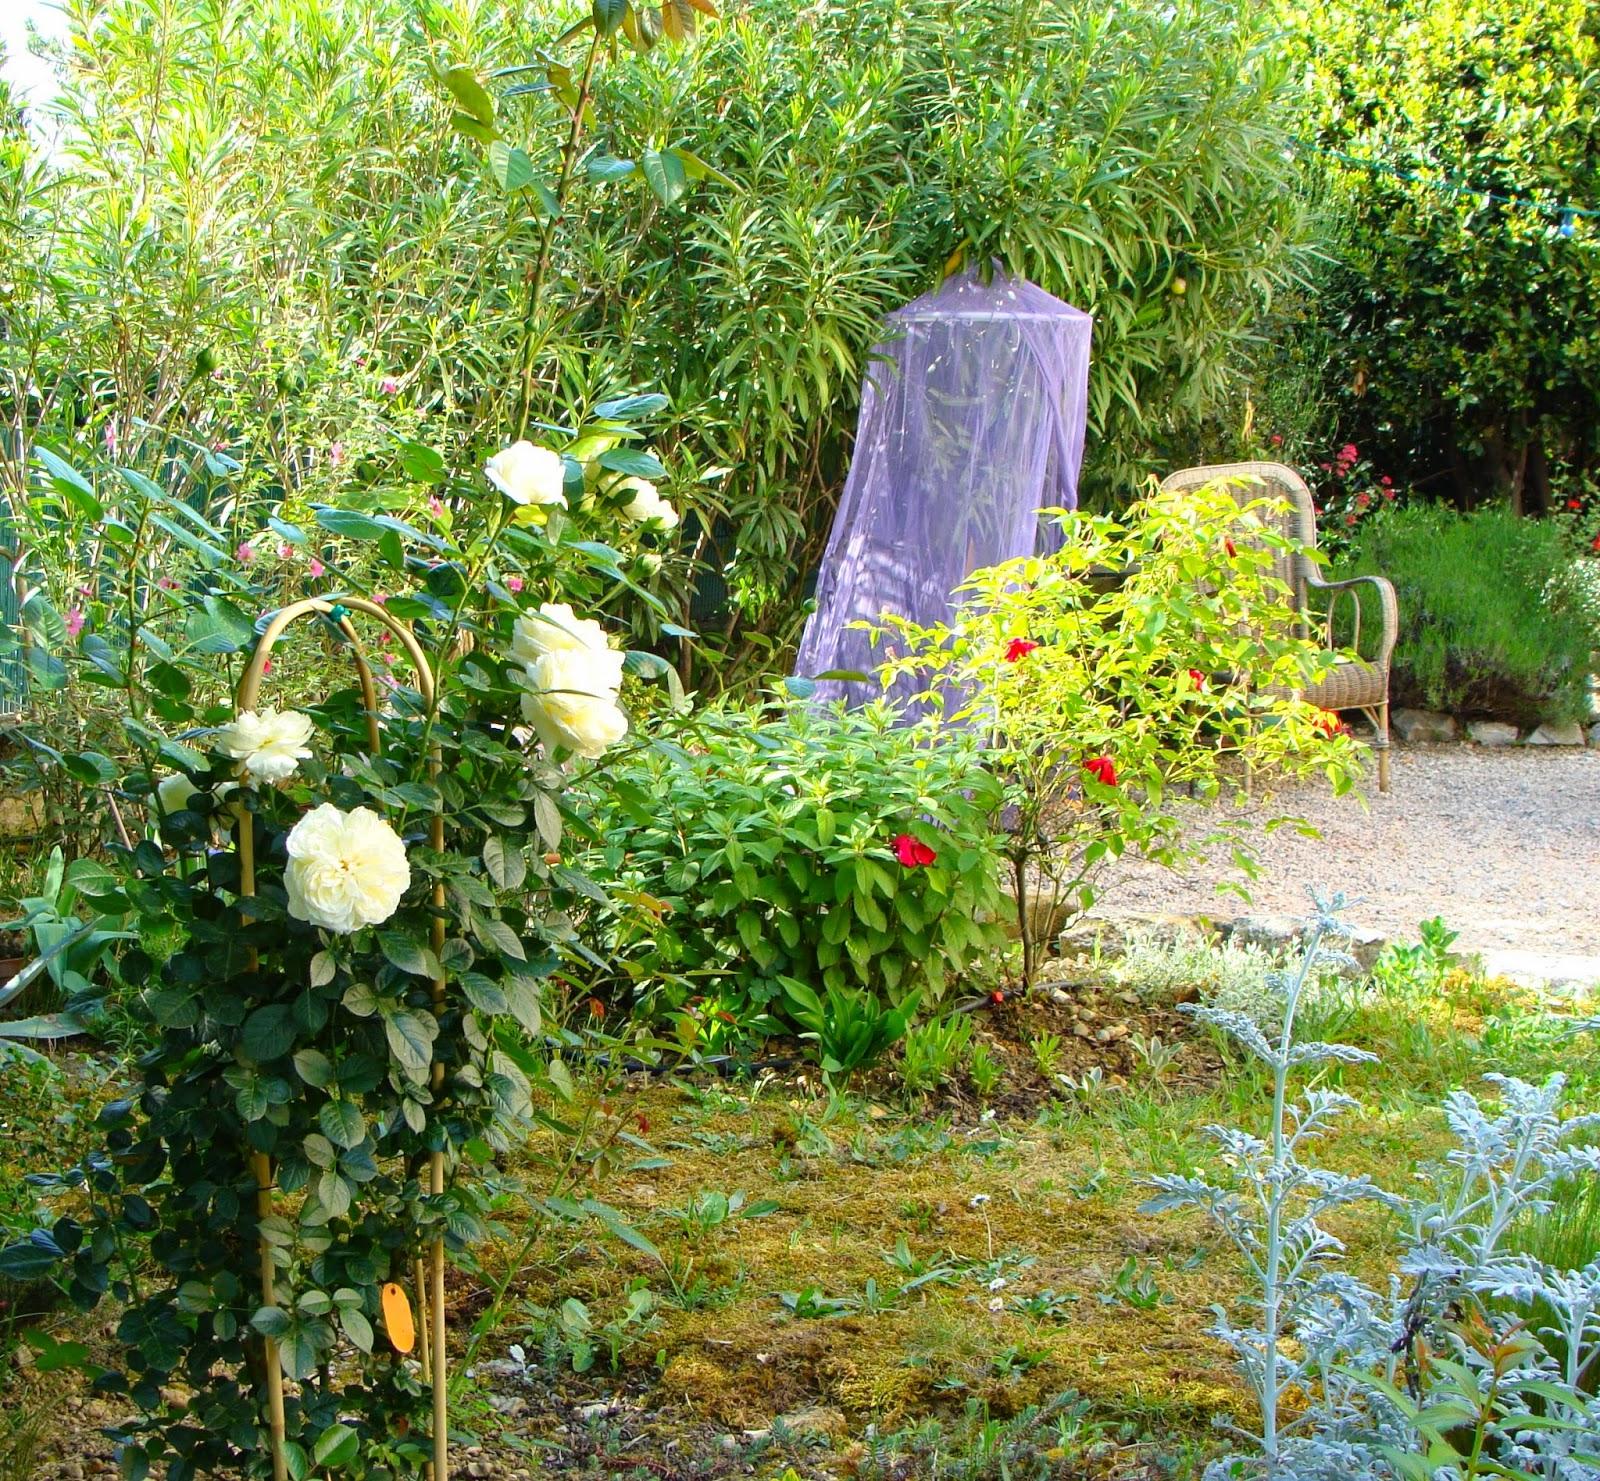 jardine et ris trois p 39 tits tours et puits s 39 en va. Black Bedroom Furniture Sets. Home Design Ideas